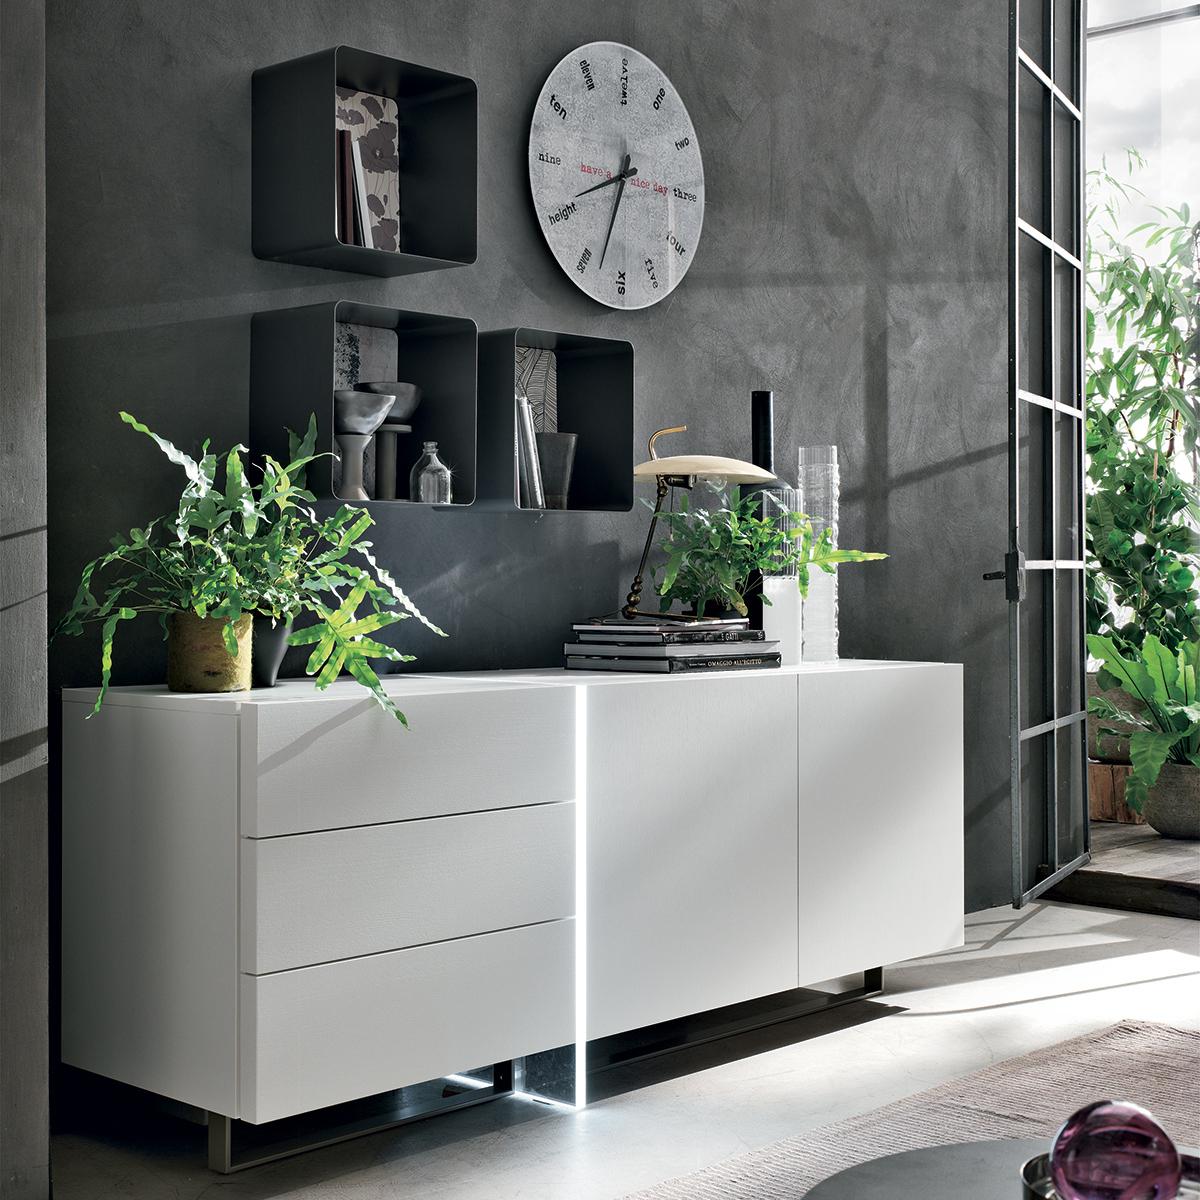 soggiorni | linea casa arredamento - Soggiorno Moderno Tomasella 2